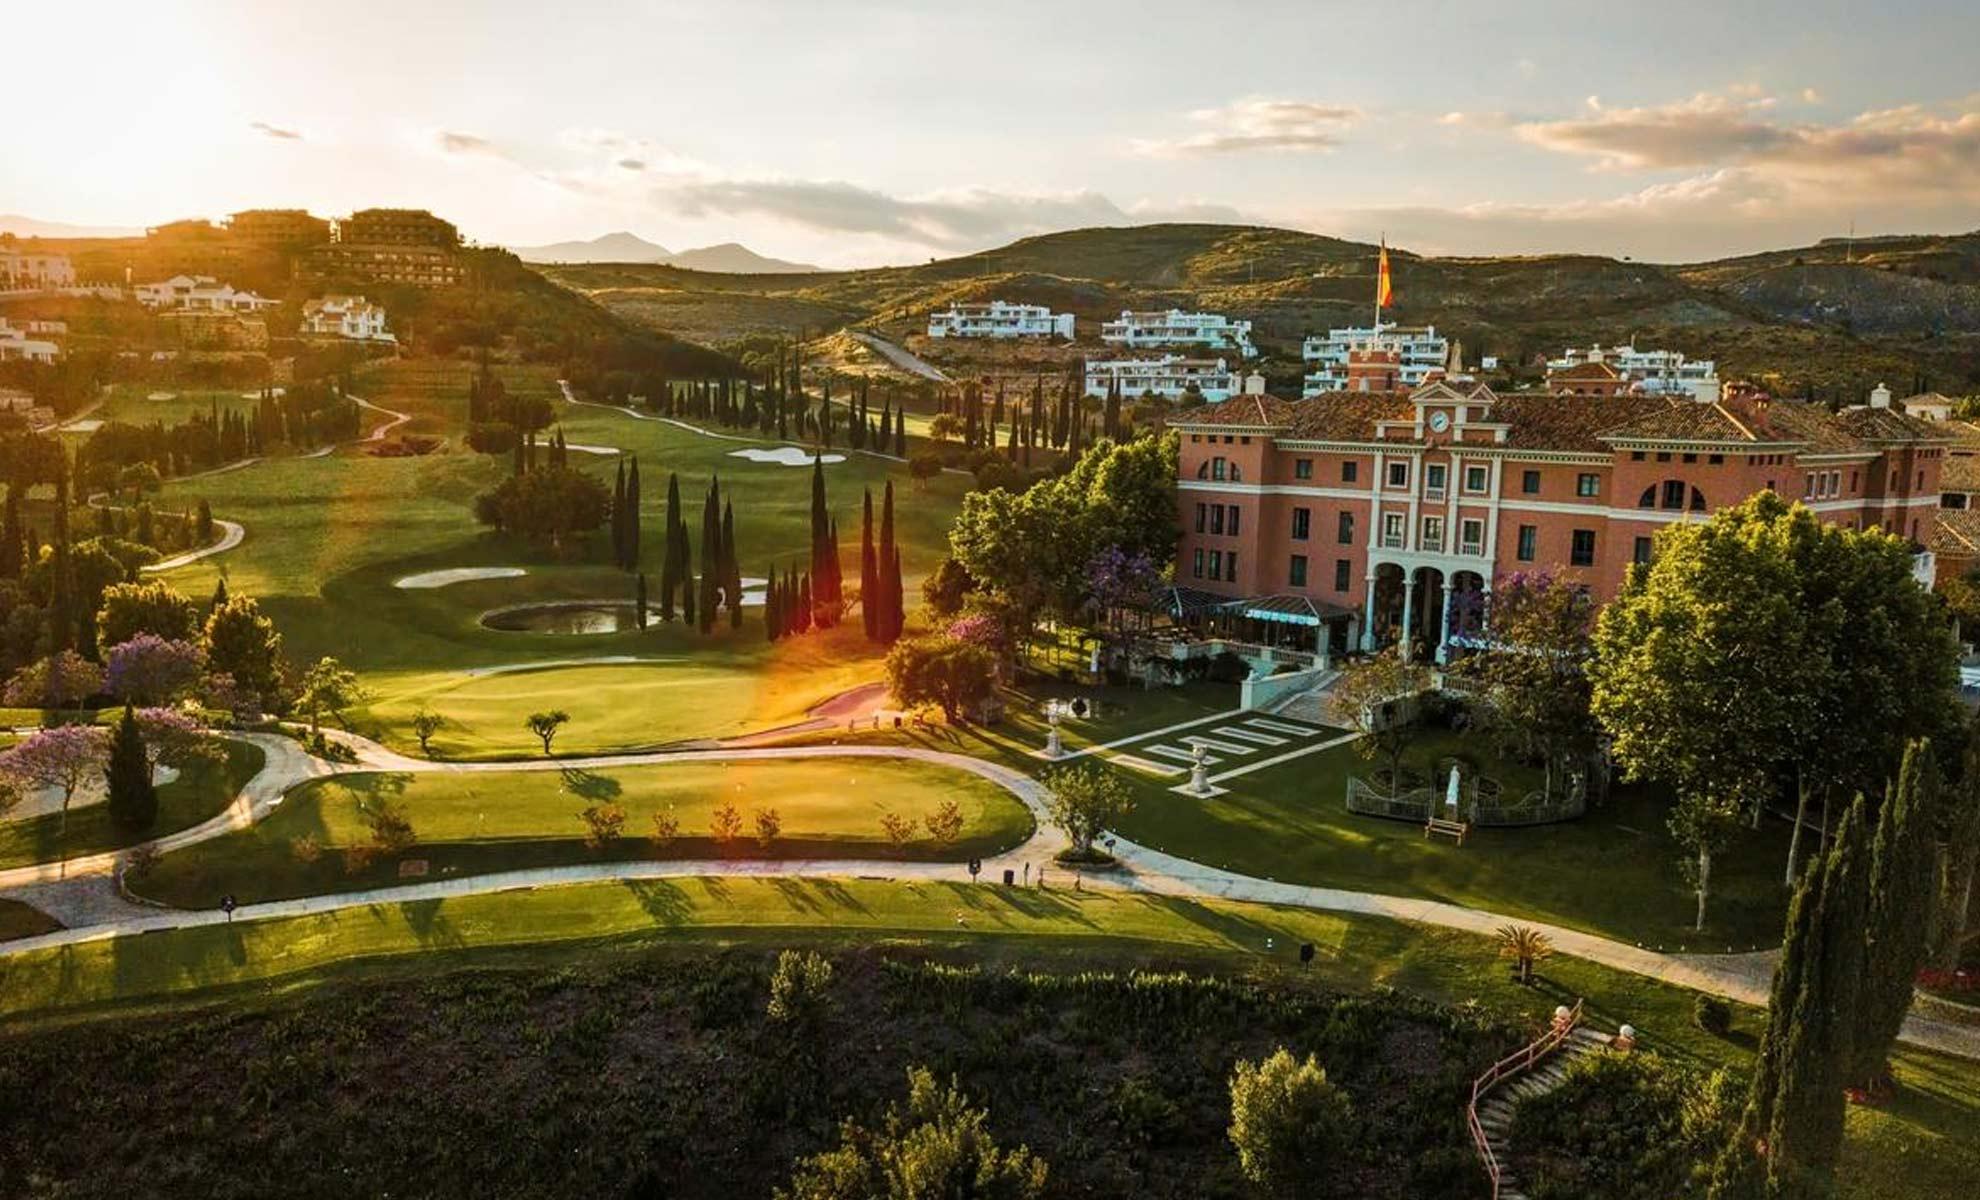 Anantara-Villa-Padierna-Palace-Marbella-Luxury-Holiday-Spain-Islands-2